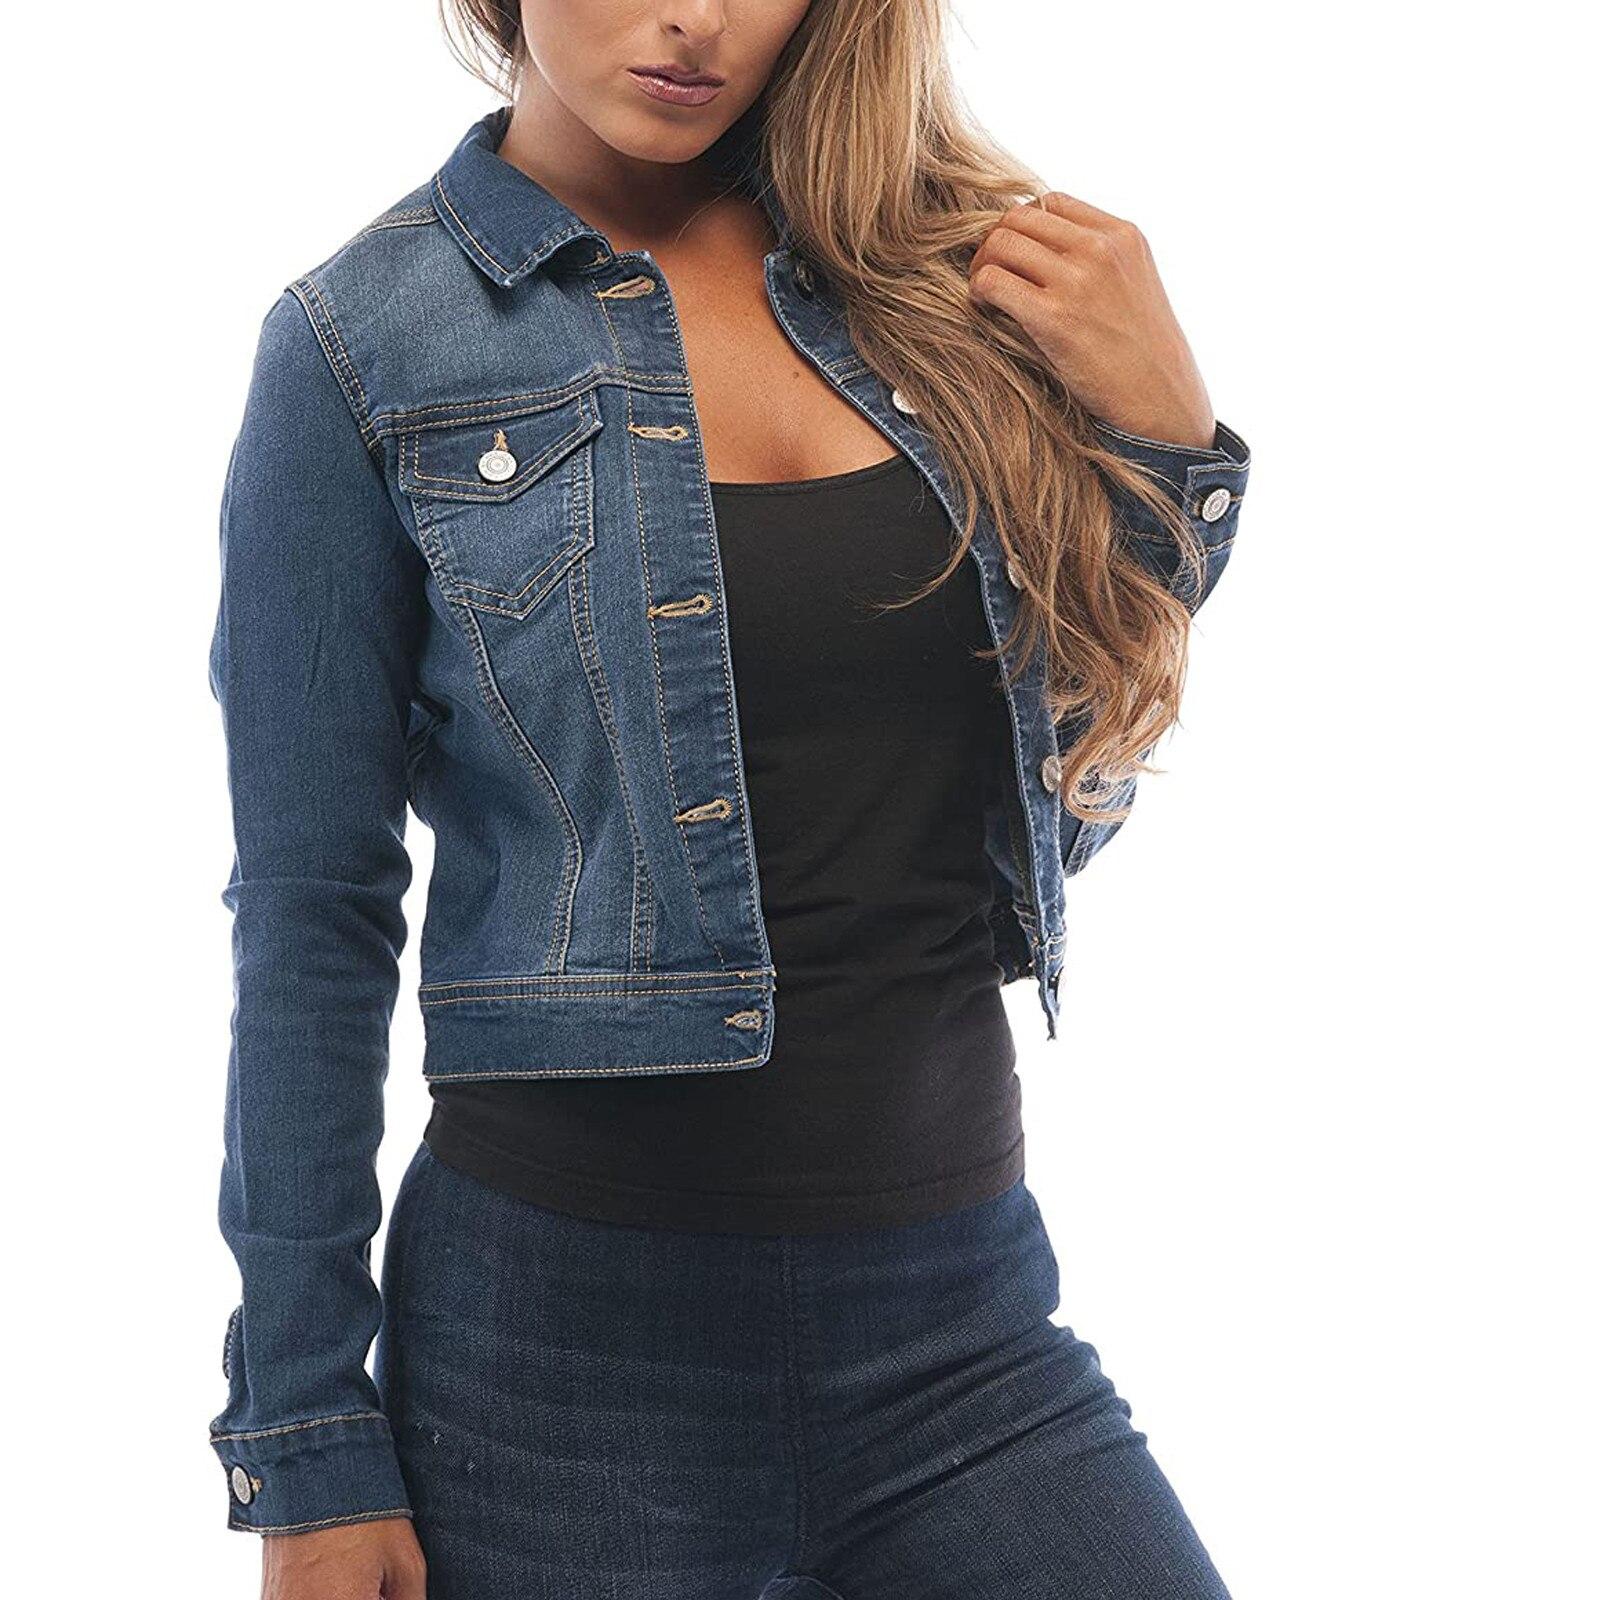 Женская джинсовая куртка, коллекция 2021 года, женская зимняя куртка, новинка, облегающее пикантное облегающее пальто стрейч, женское повседн...